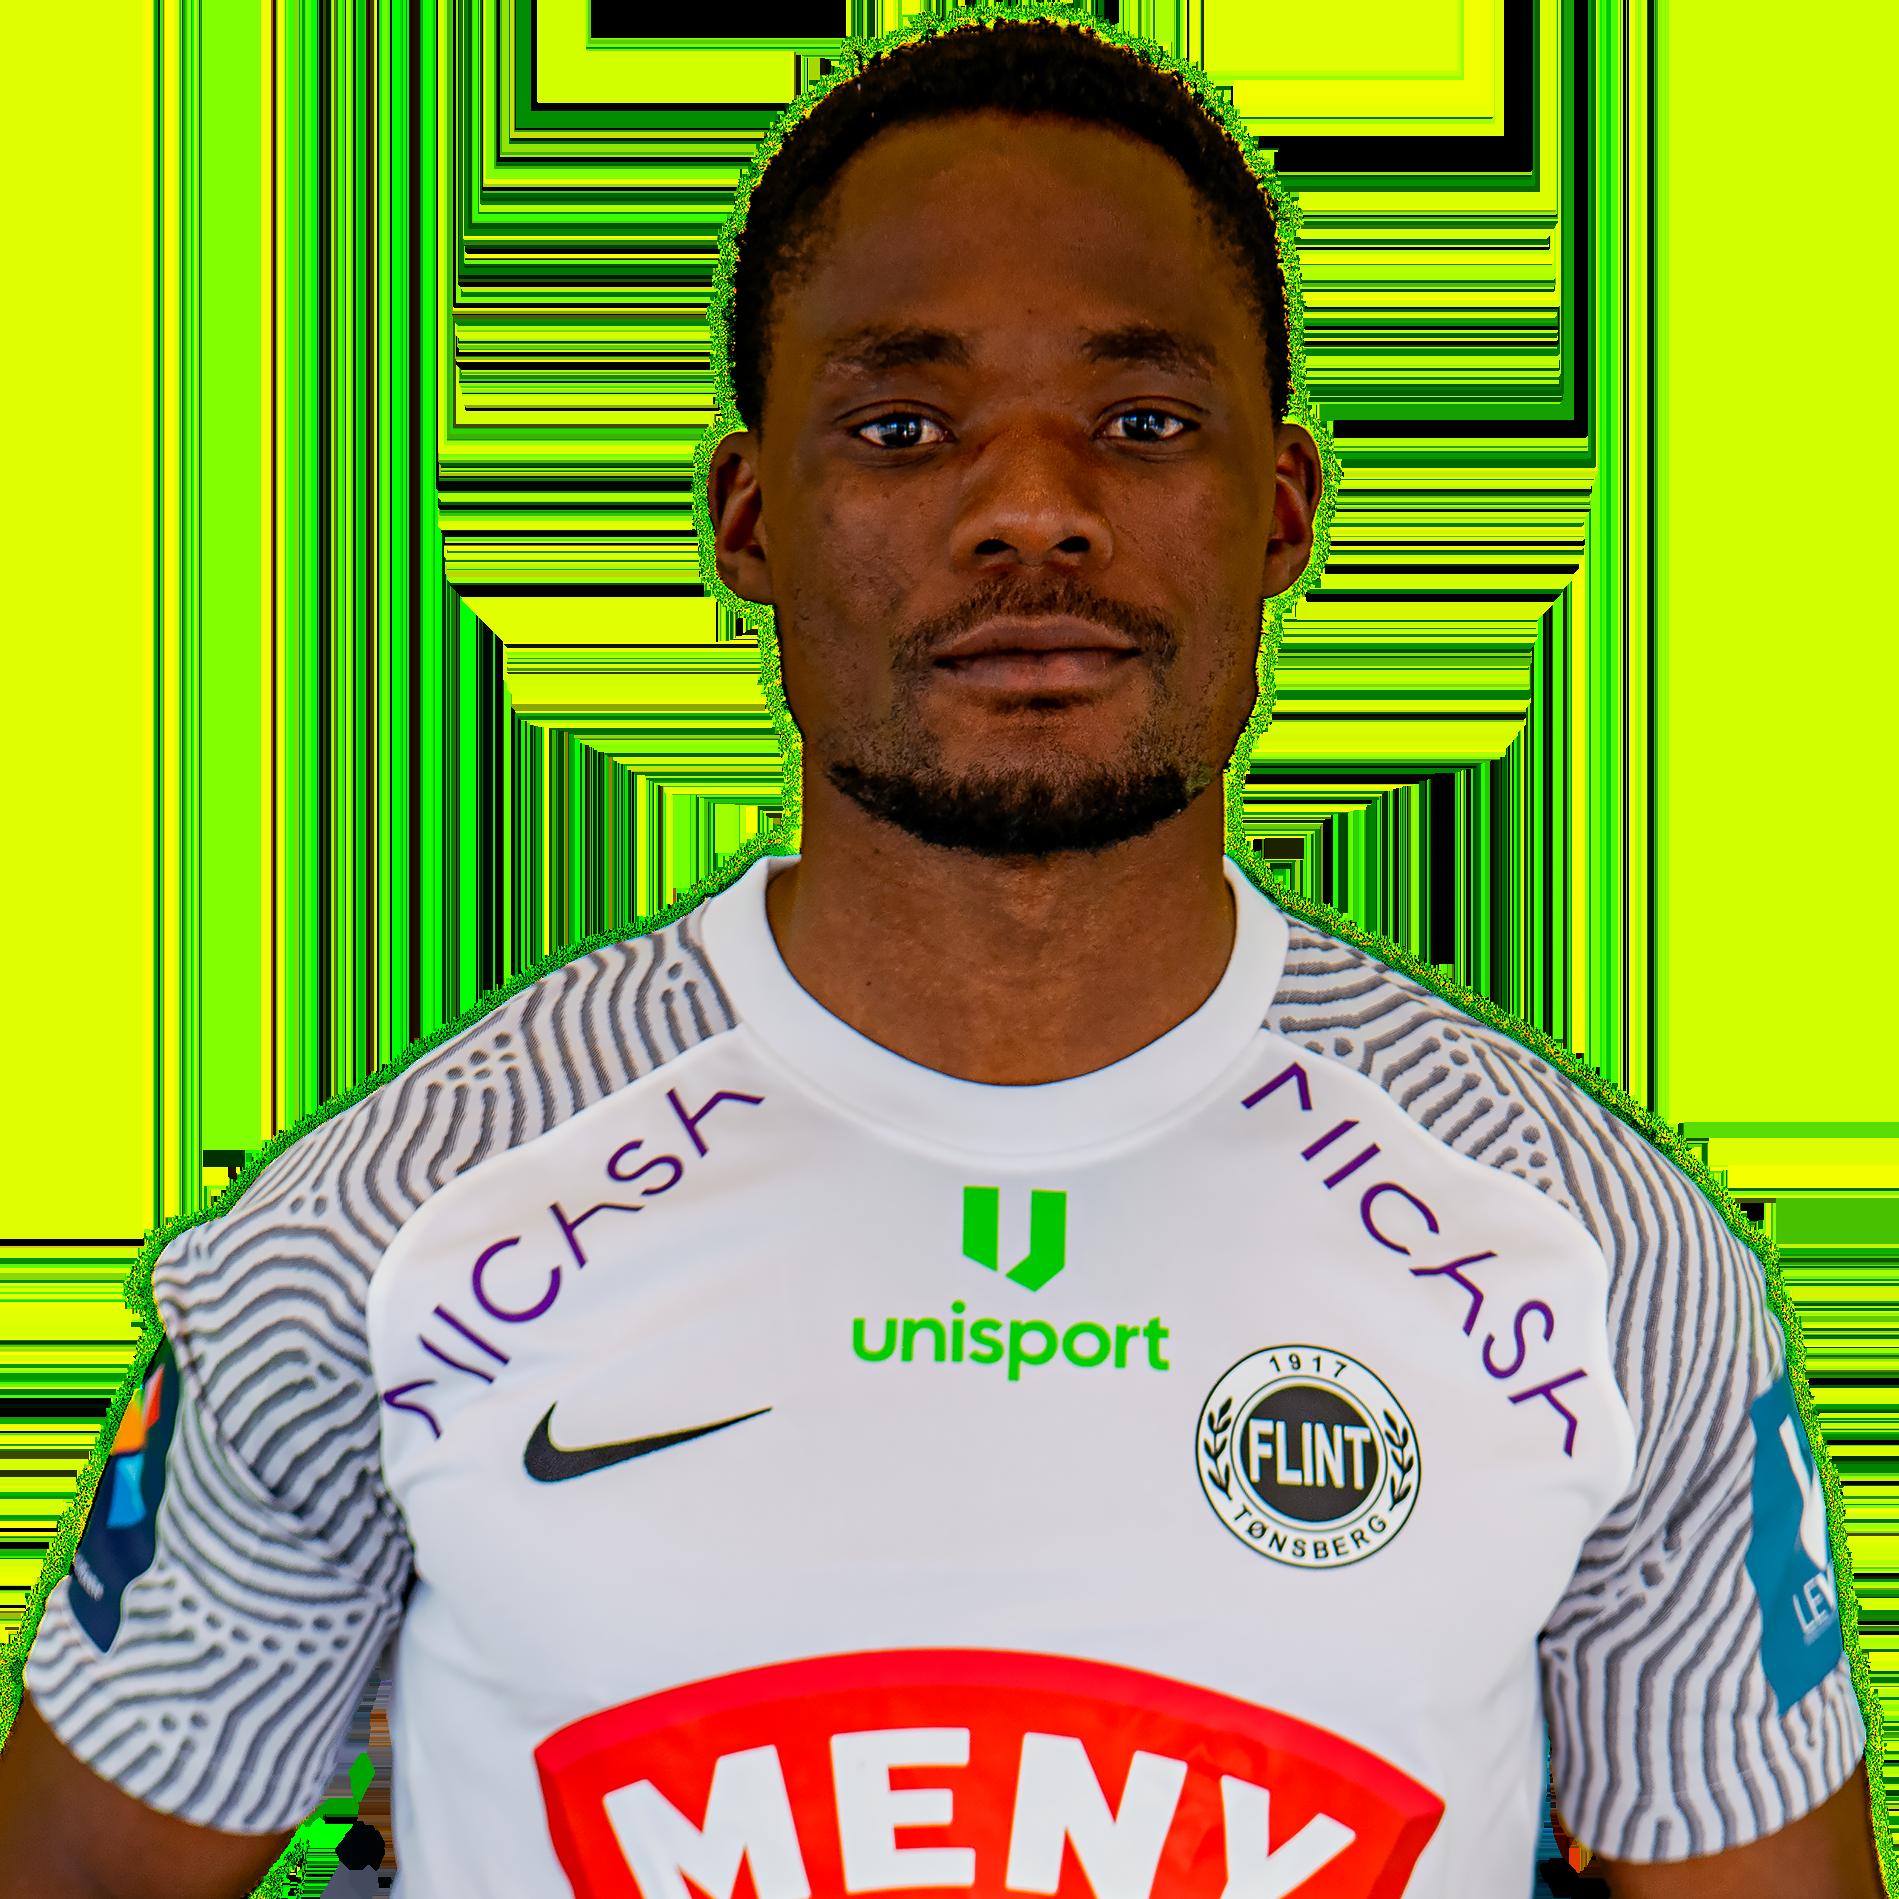 https://www.flintfotball.no/wp-content/uploads/2021/07/Delegue-Lukungu.png